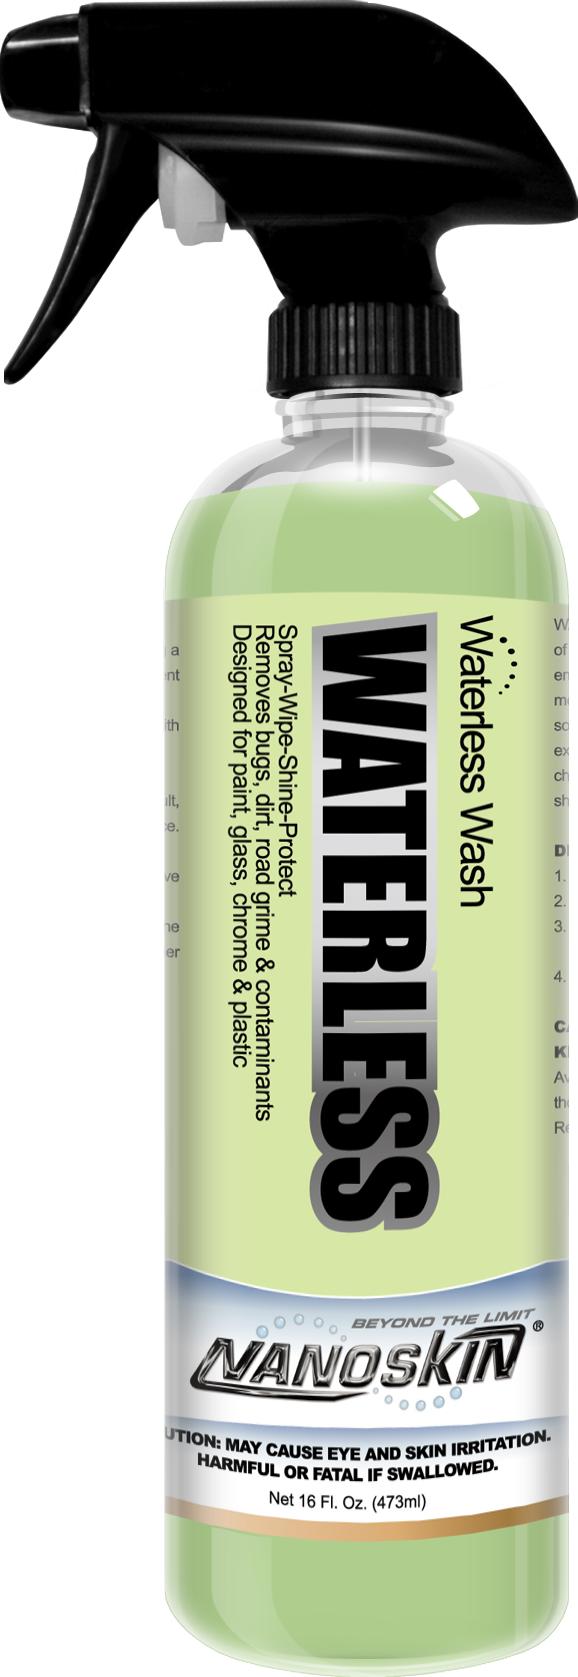 NANOSKIN WATERLESS Waterless Wash 16oz